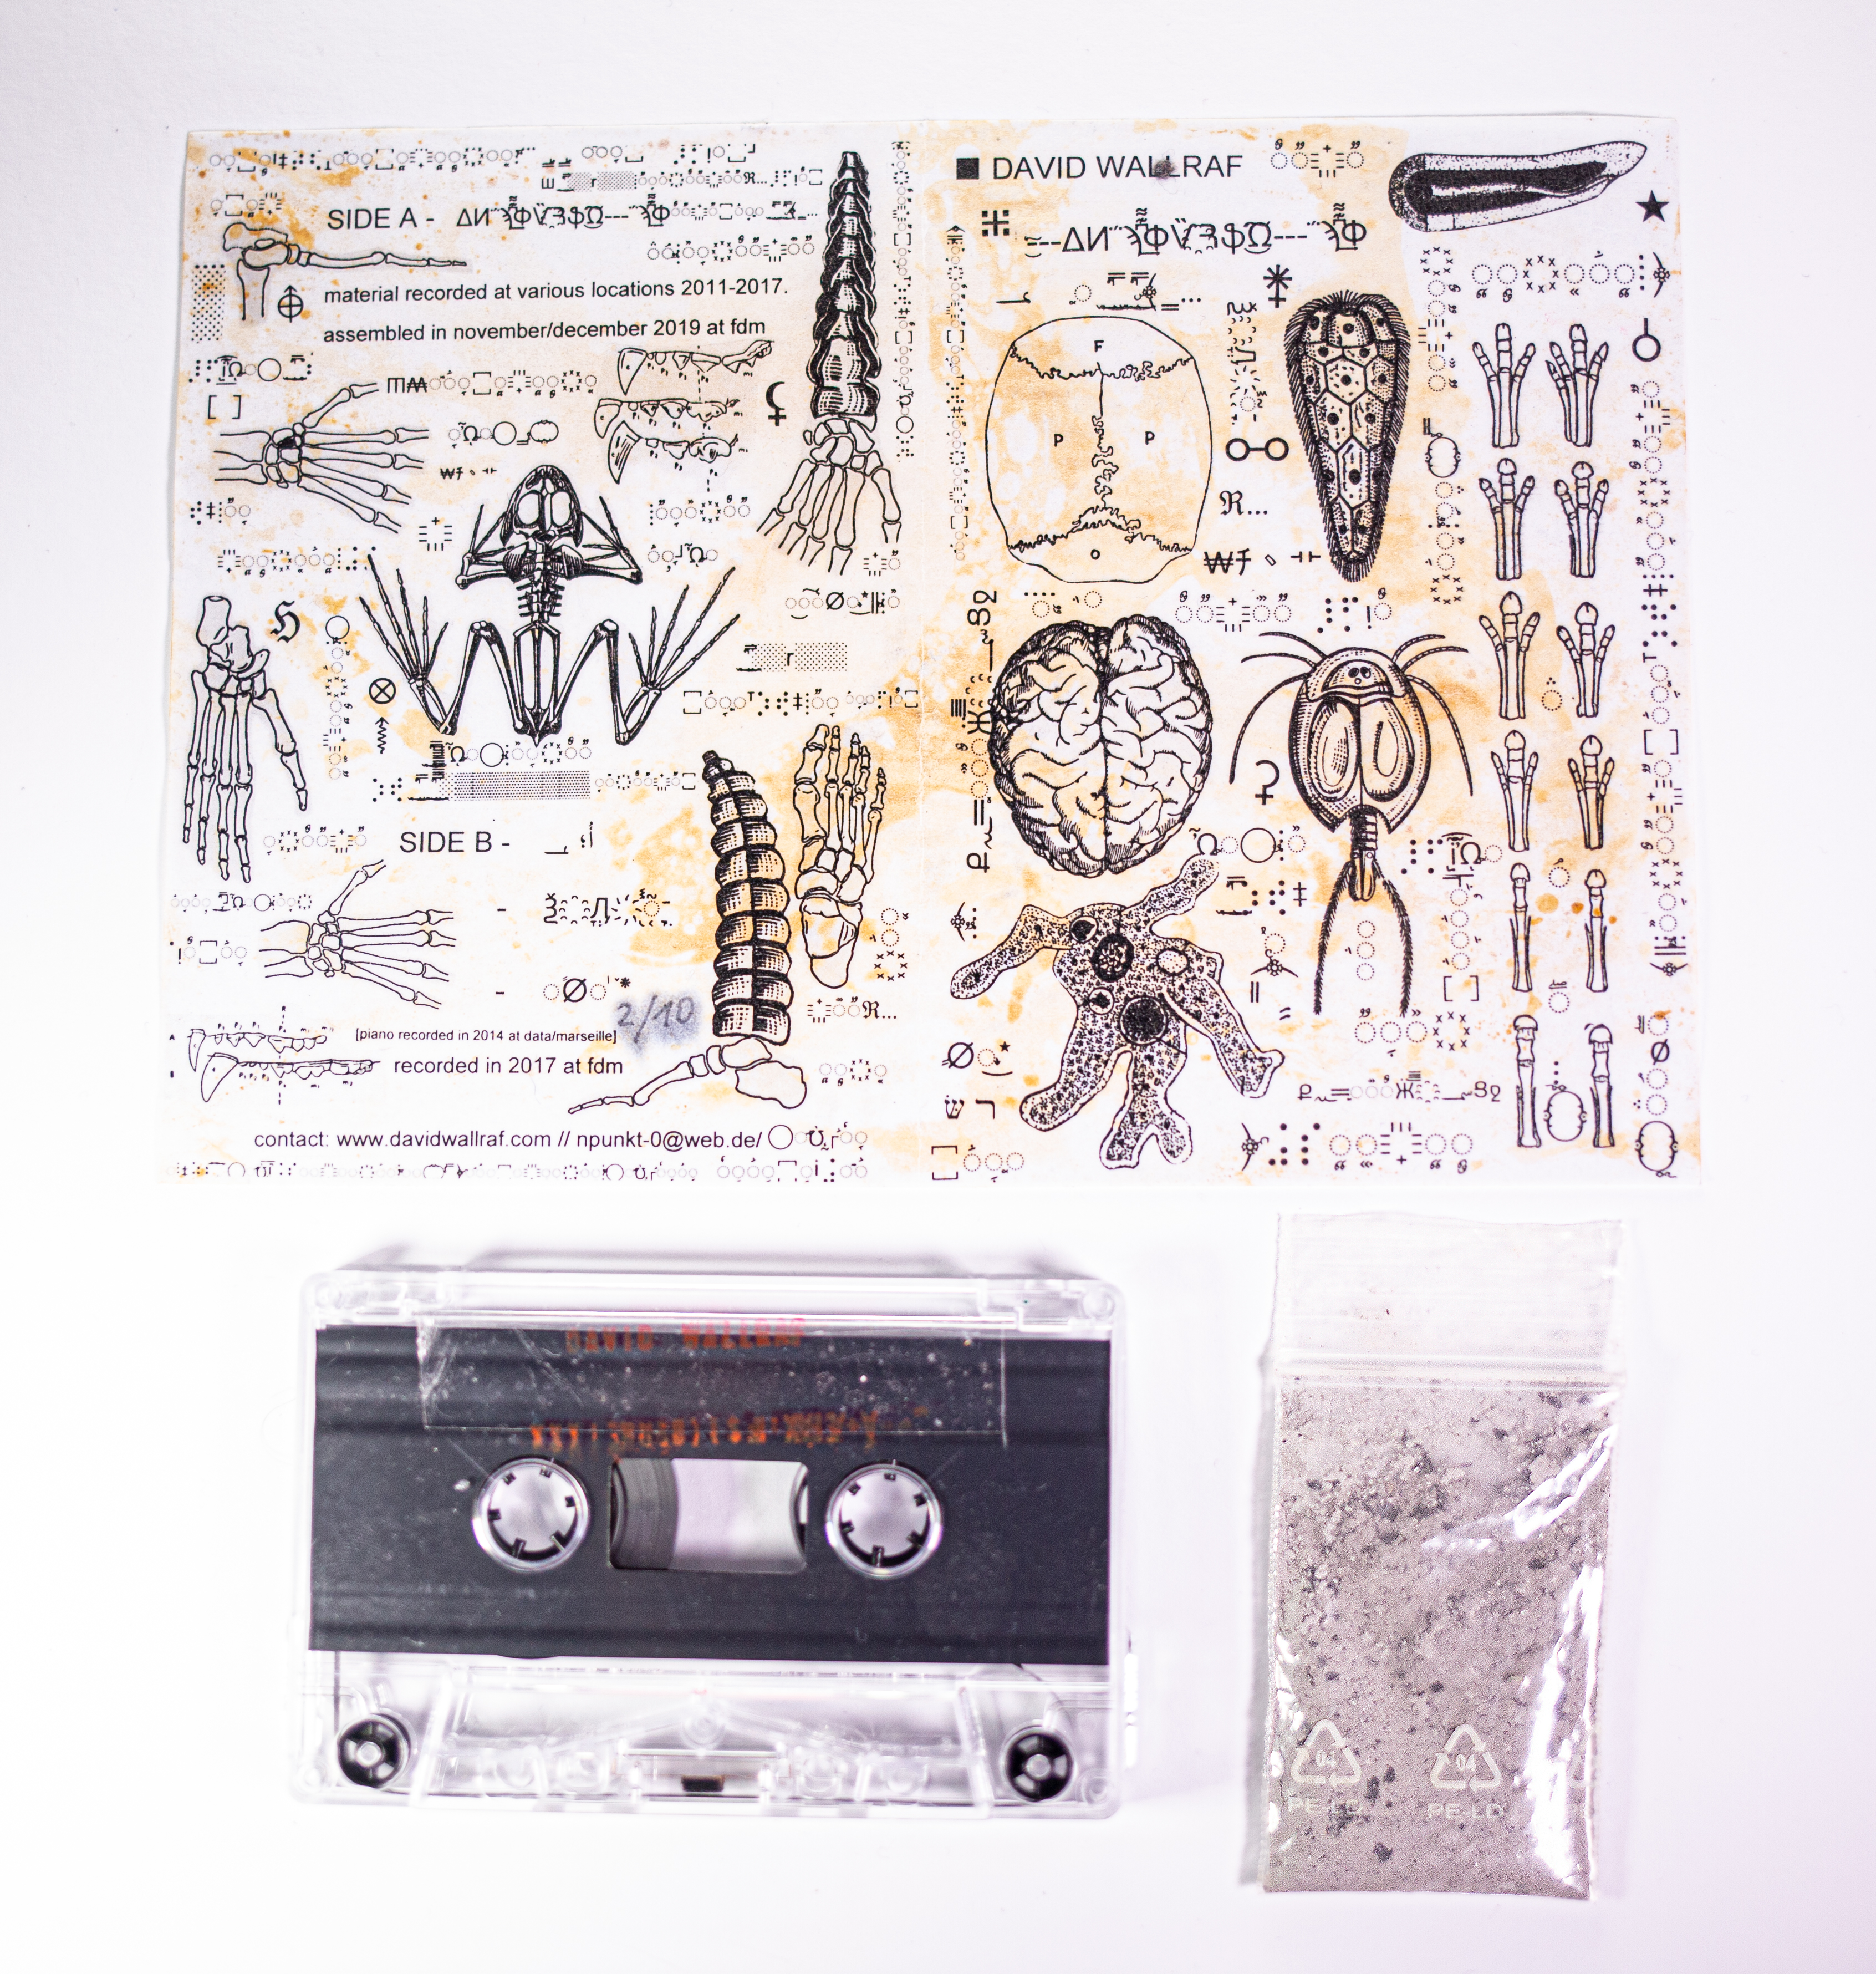 gehirn tape stuff